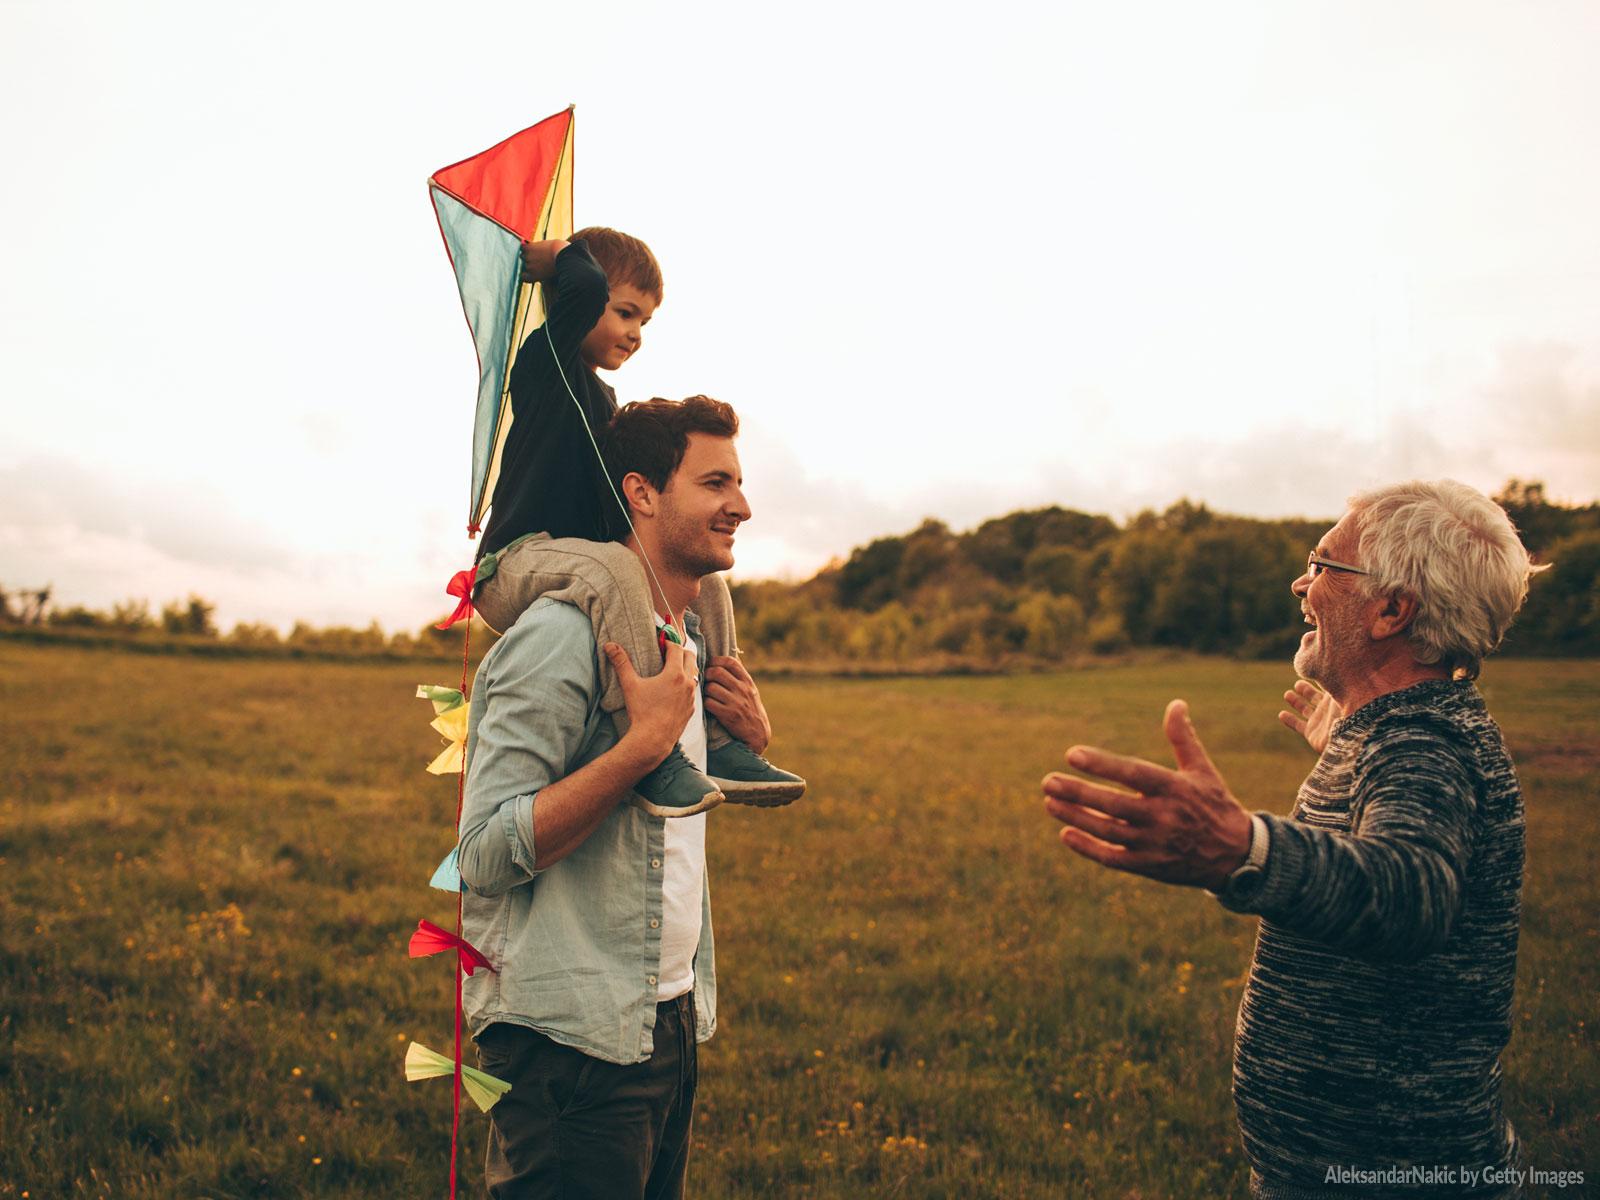 -Pais-e-avós-o-desafio-de-educar-e-dividir-tarefas-no-cuidado-dos-filhos